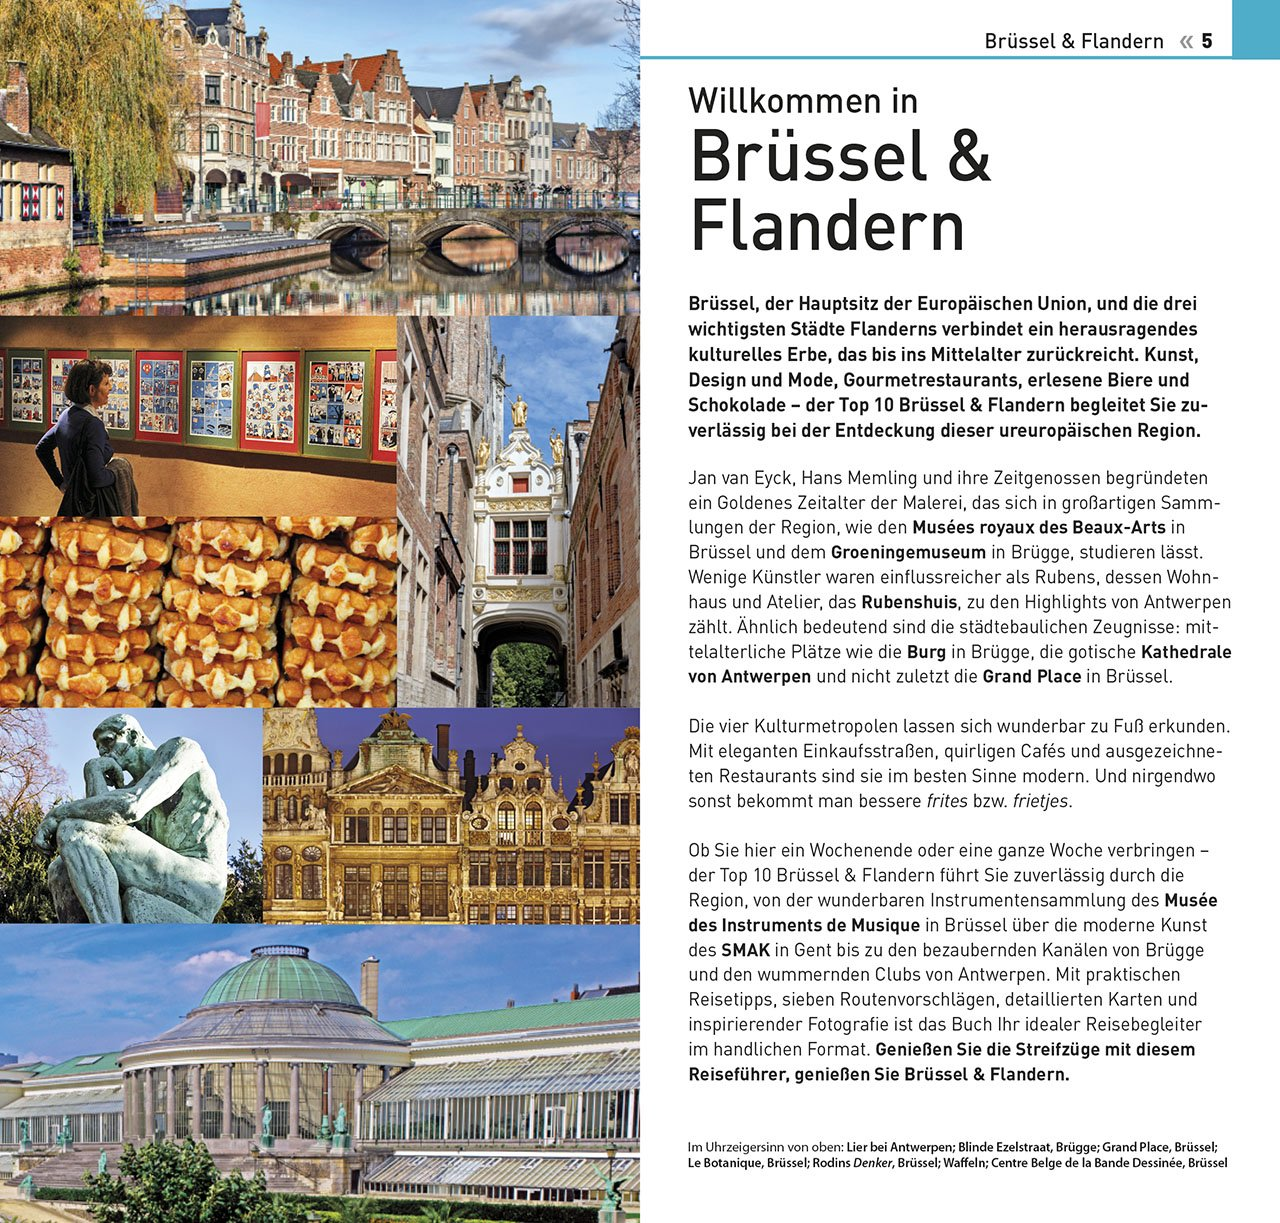 Brüssel Sehenswürdigkeiten Karte.Top 10 Reiseführer Brüssel Flandern Mit Extra Karte Und